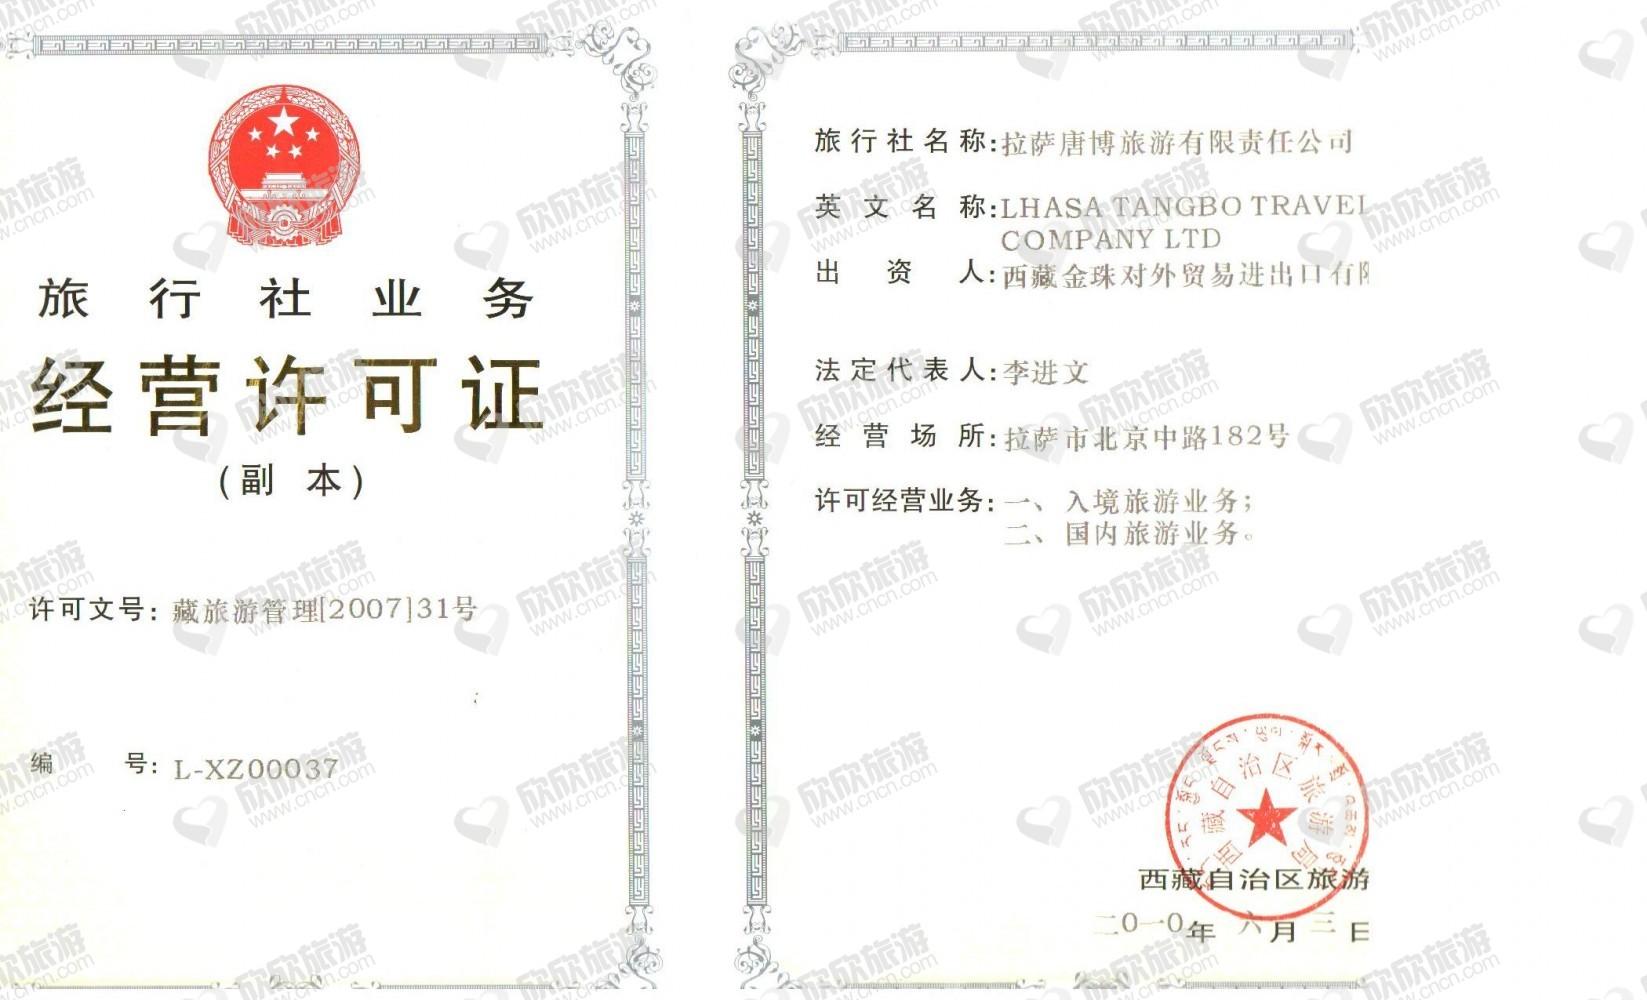 拉萨唐博旅游有限责任公司经营许可证